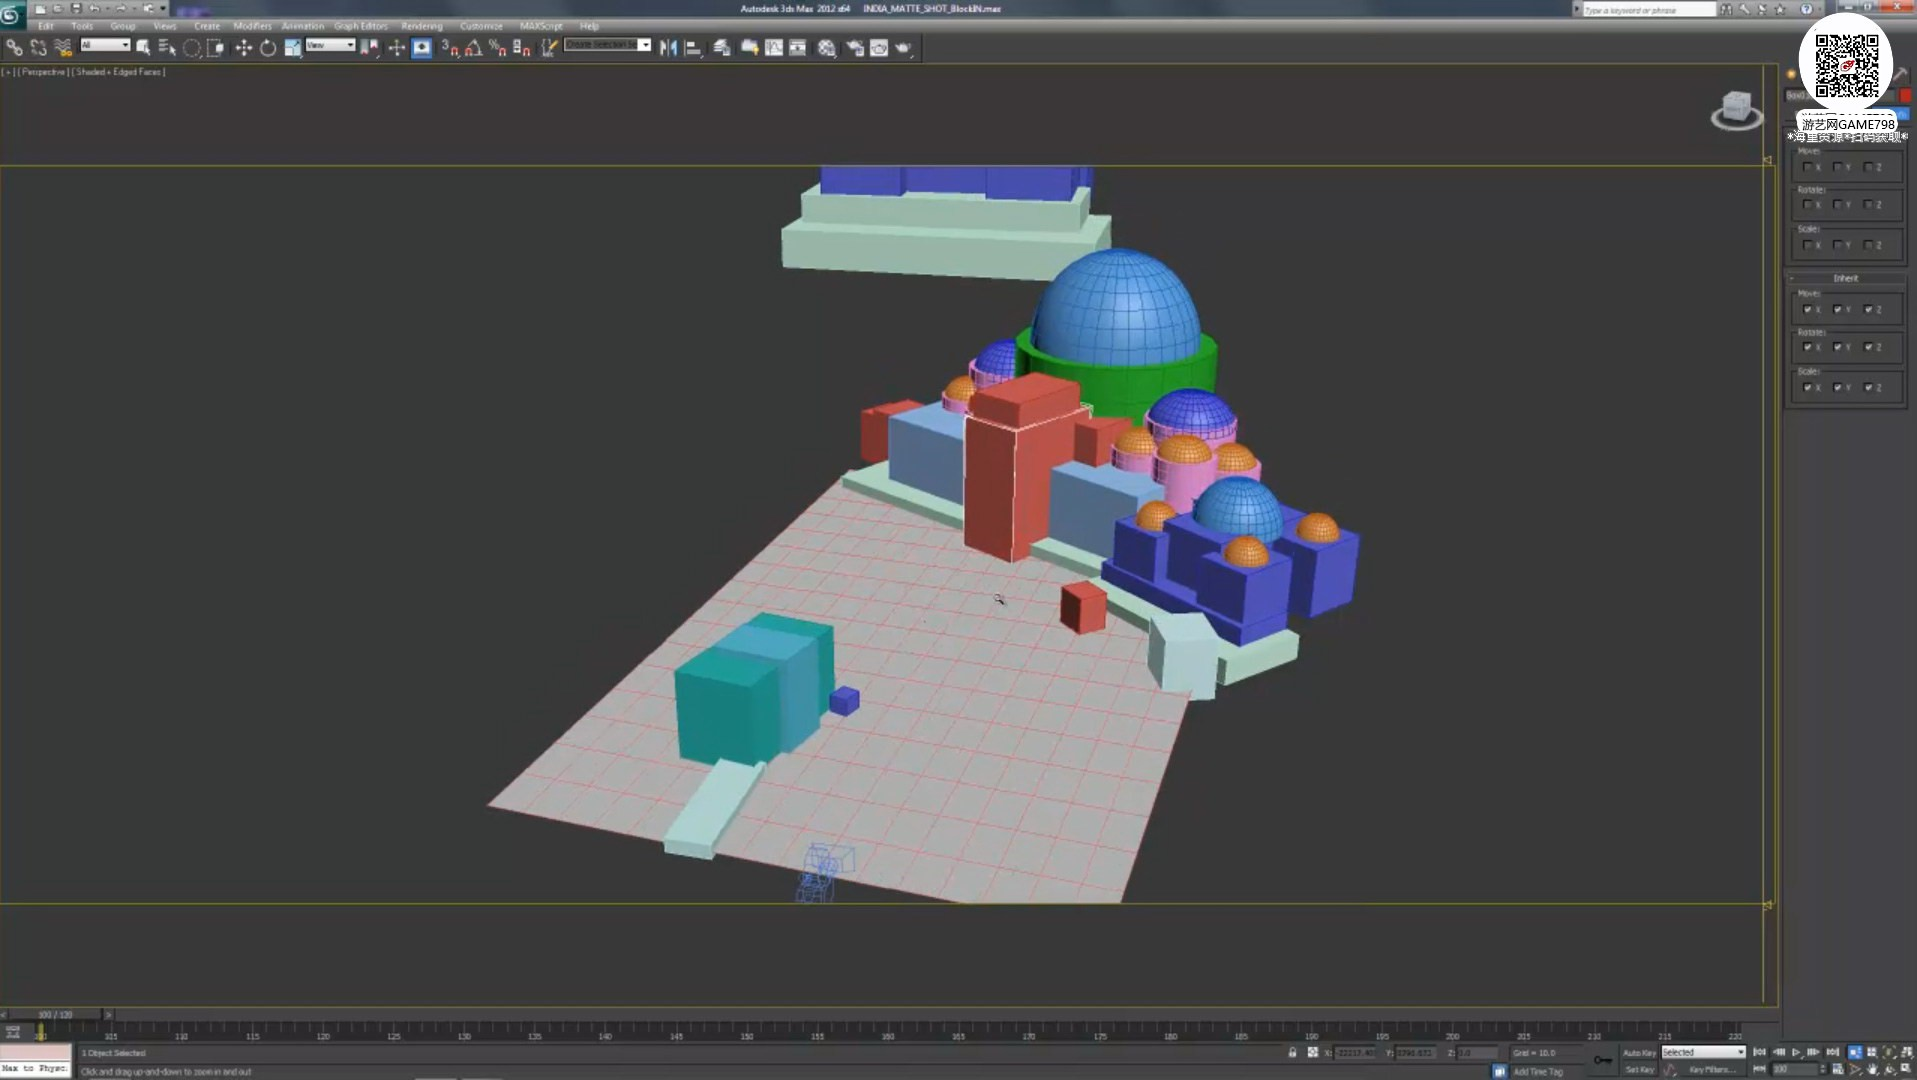 004_关注-游艺网GAME798海量资源下载【视频教程】超写实场景设定制作流程.jpg